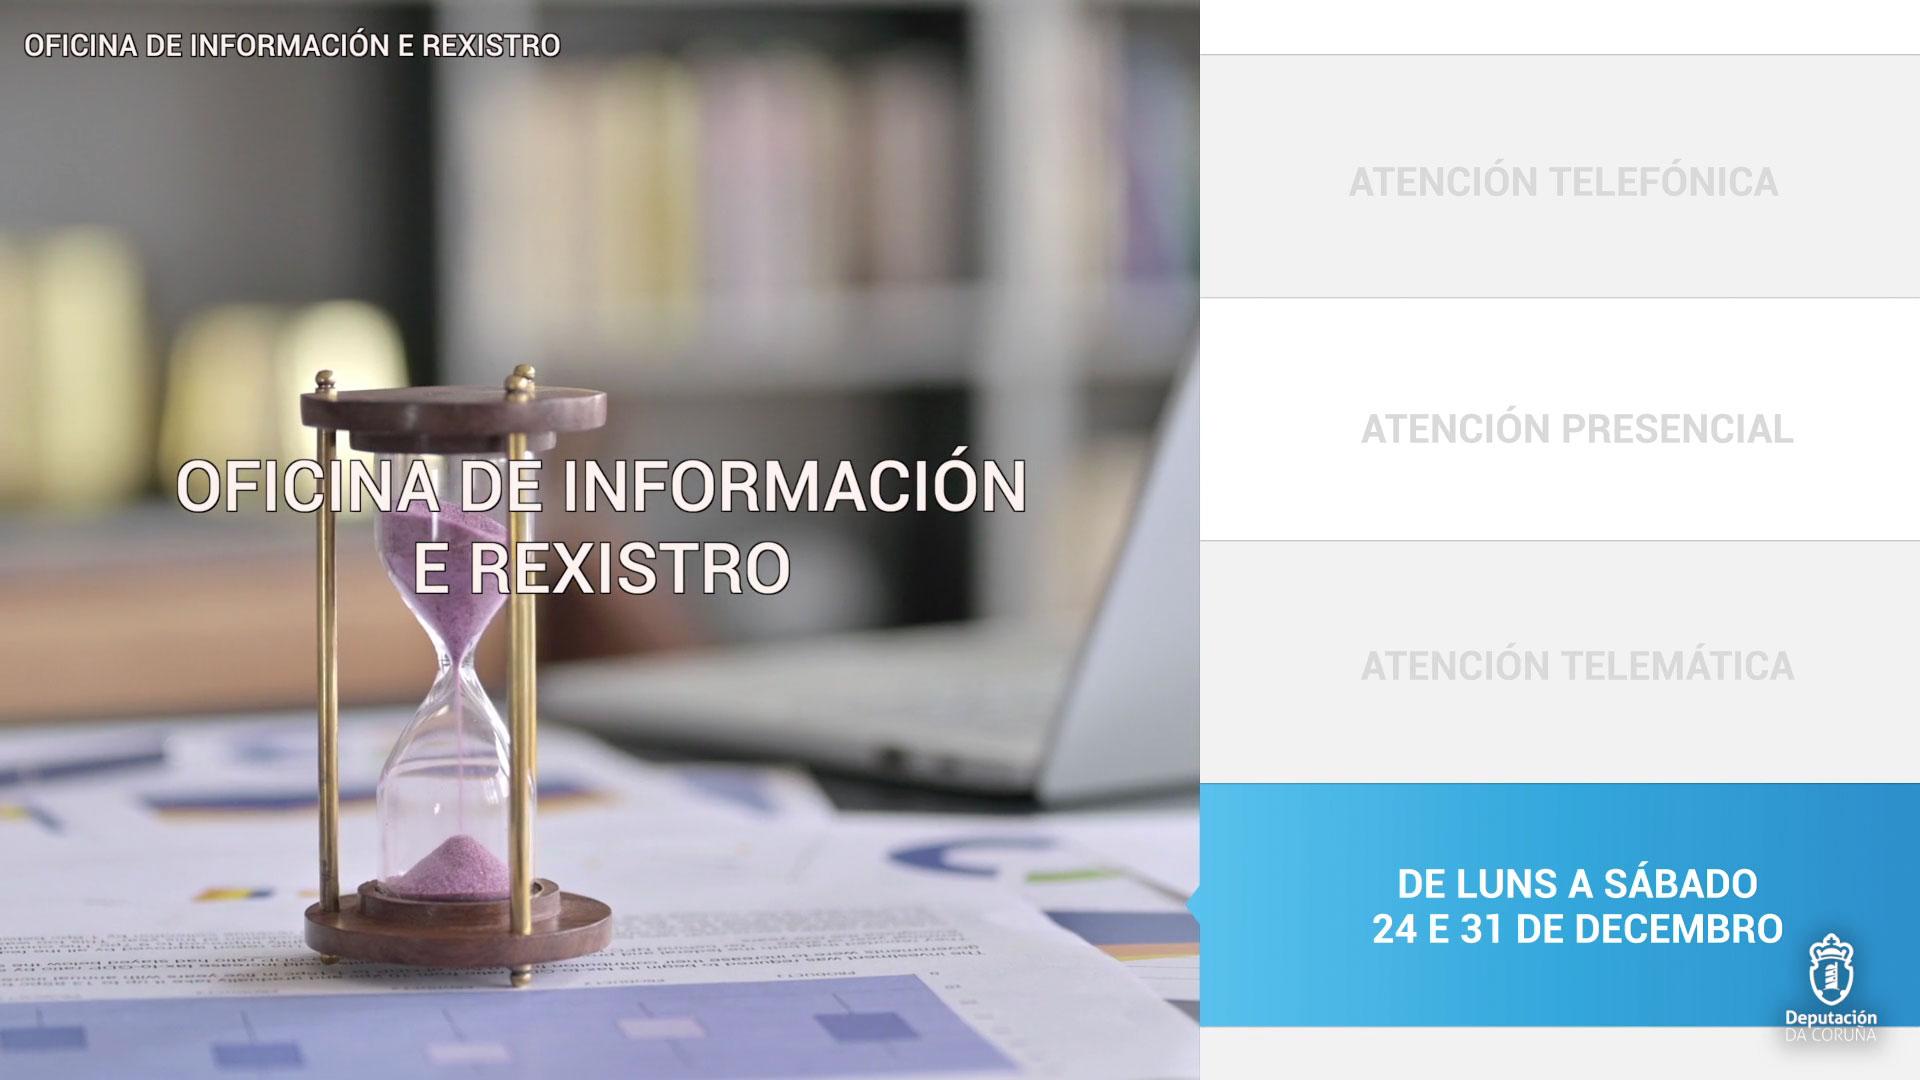 Video Promocional para la Deputación Provincial da Coruña